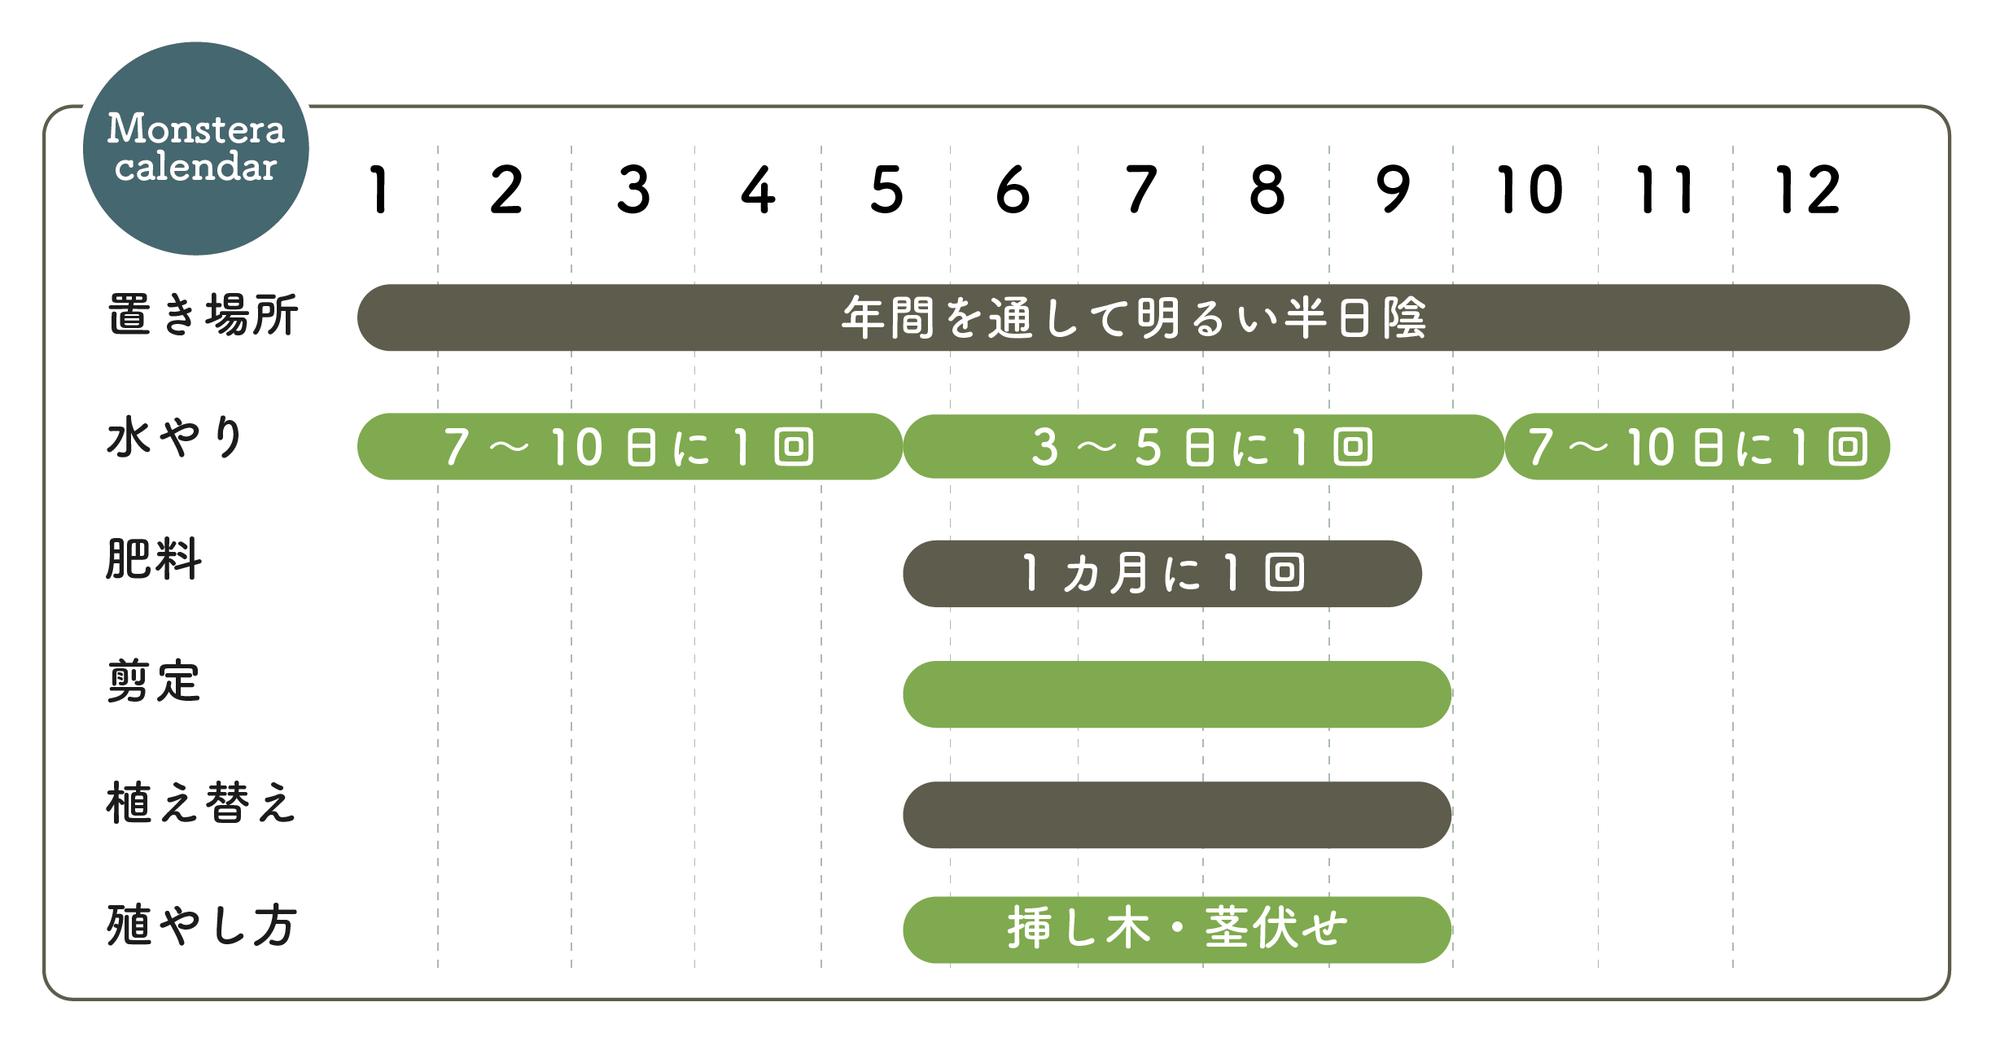 モンステラの栽培カレンダー